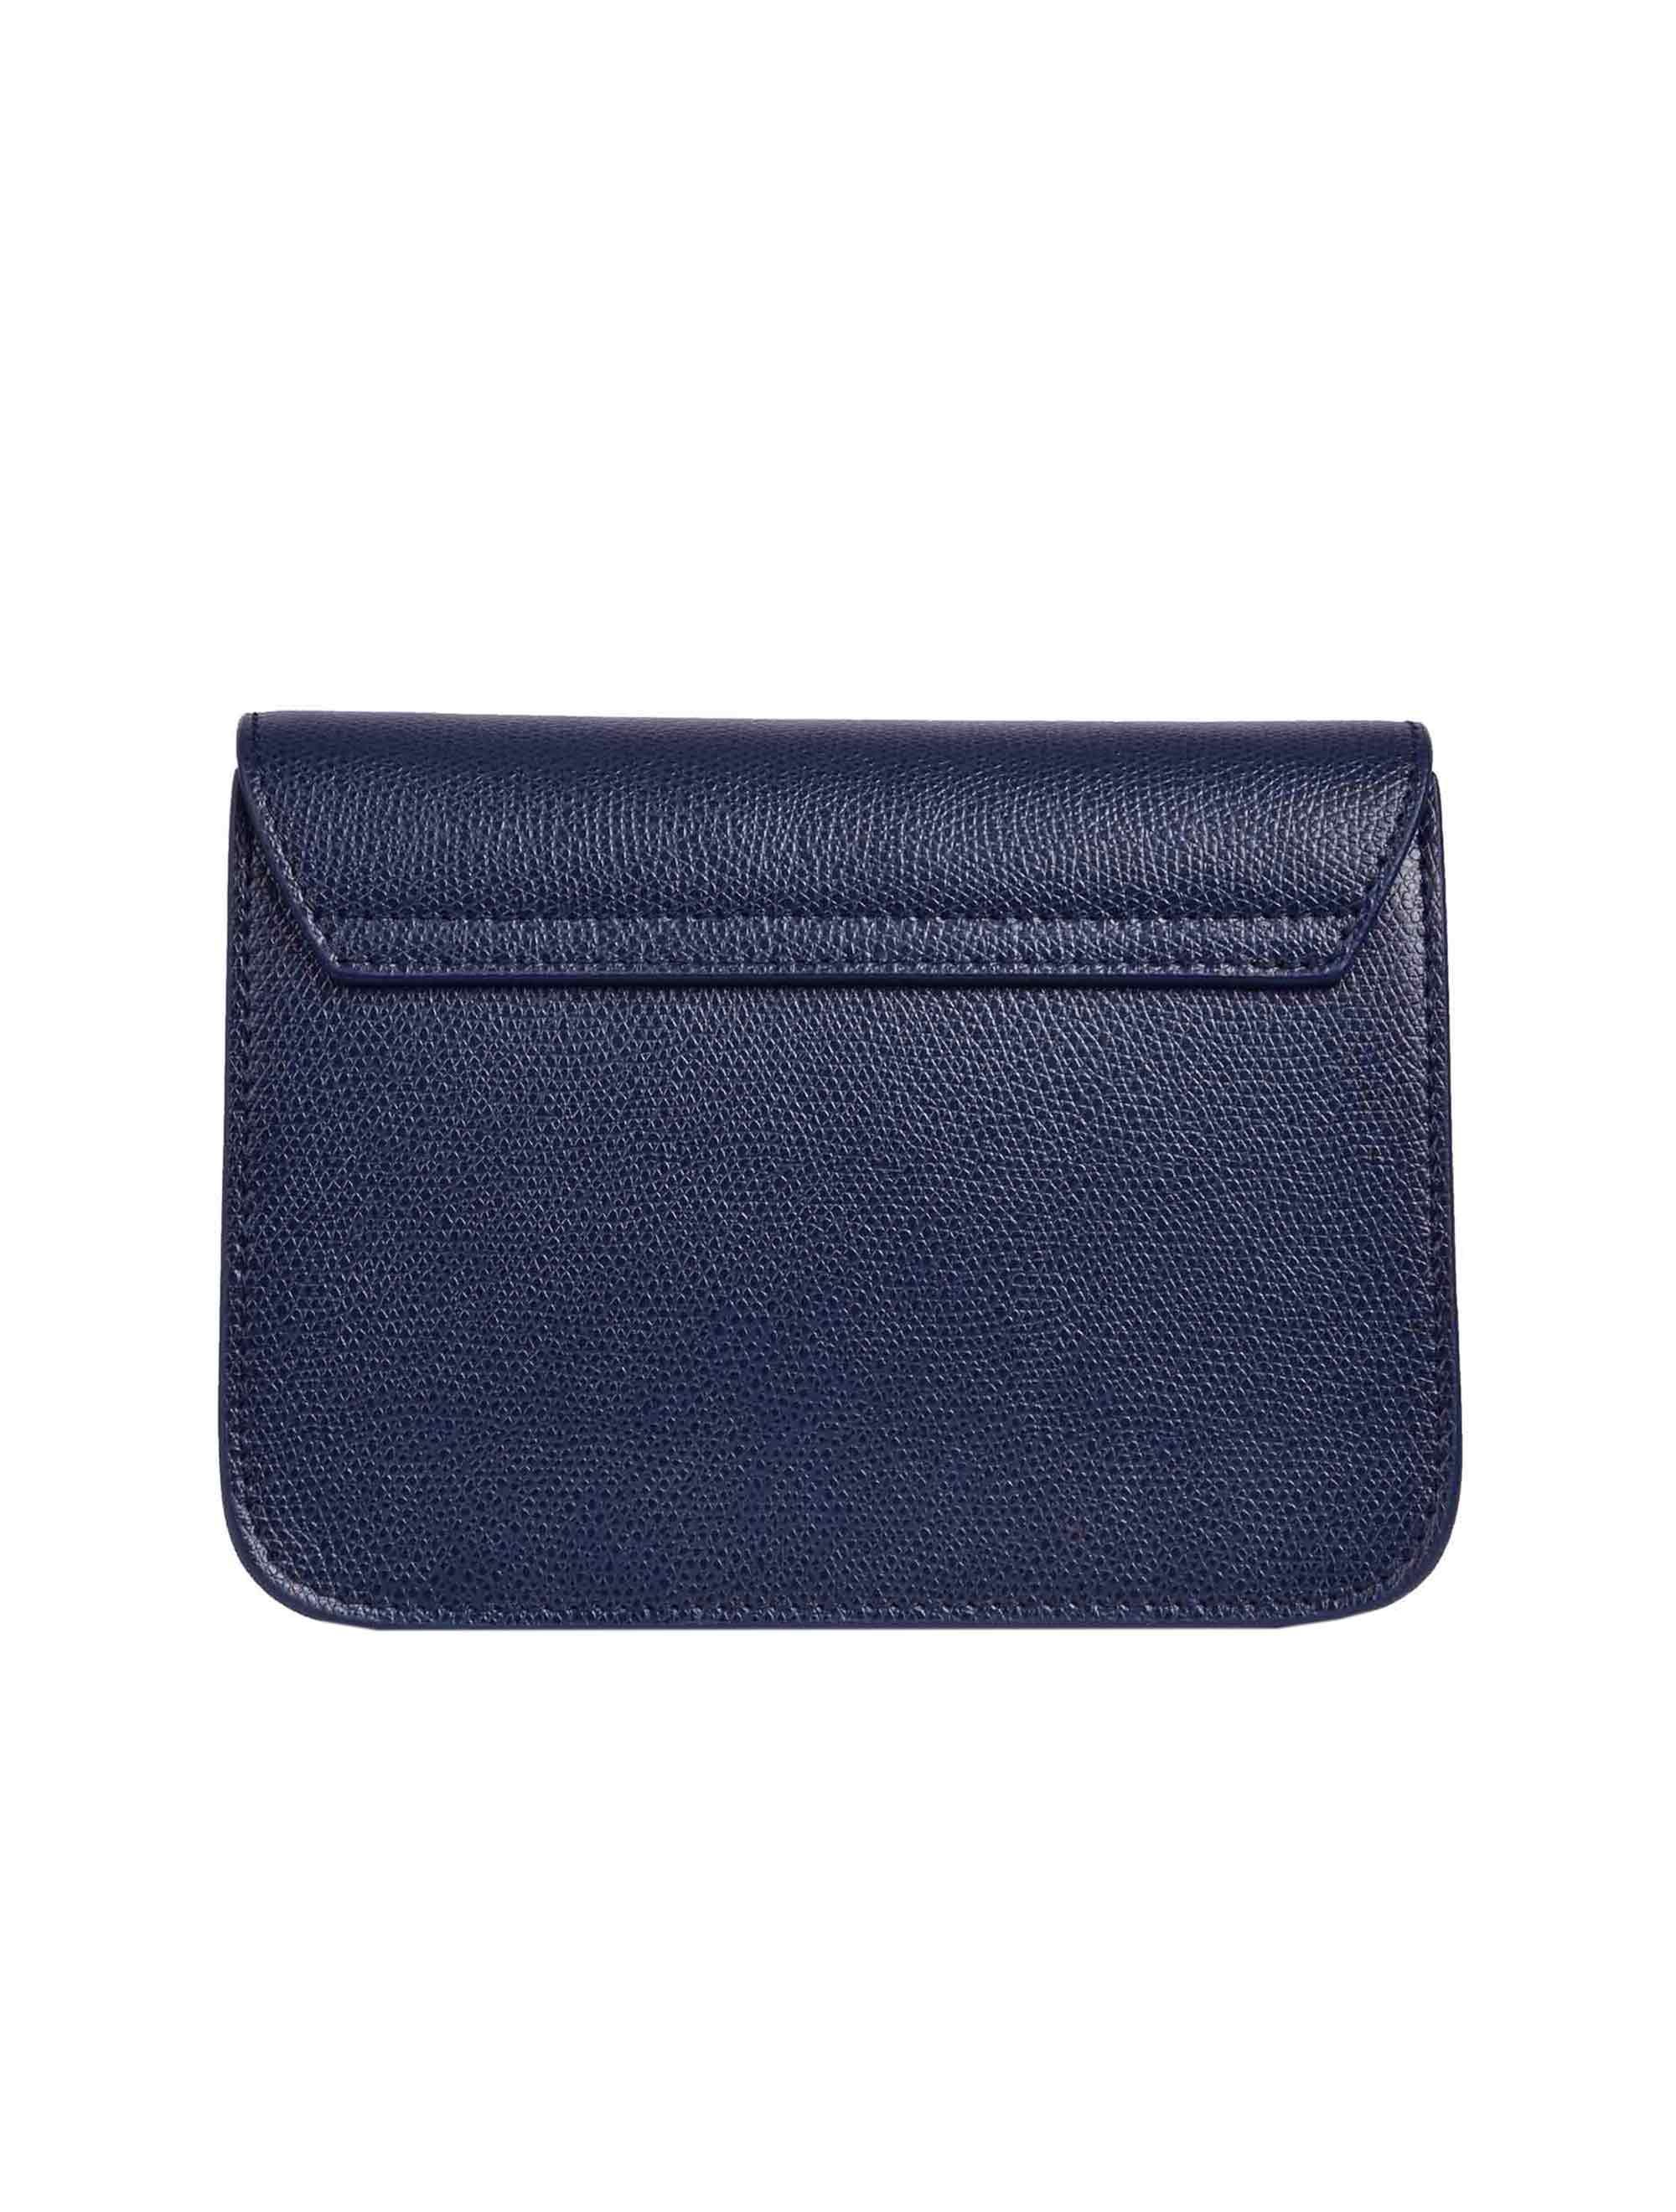 6f1c98eaa8db Mimma Ninni – Luxury and Fashion Shopping. Furla Metropolis Mini ...